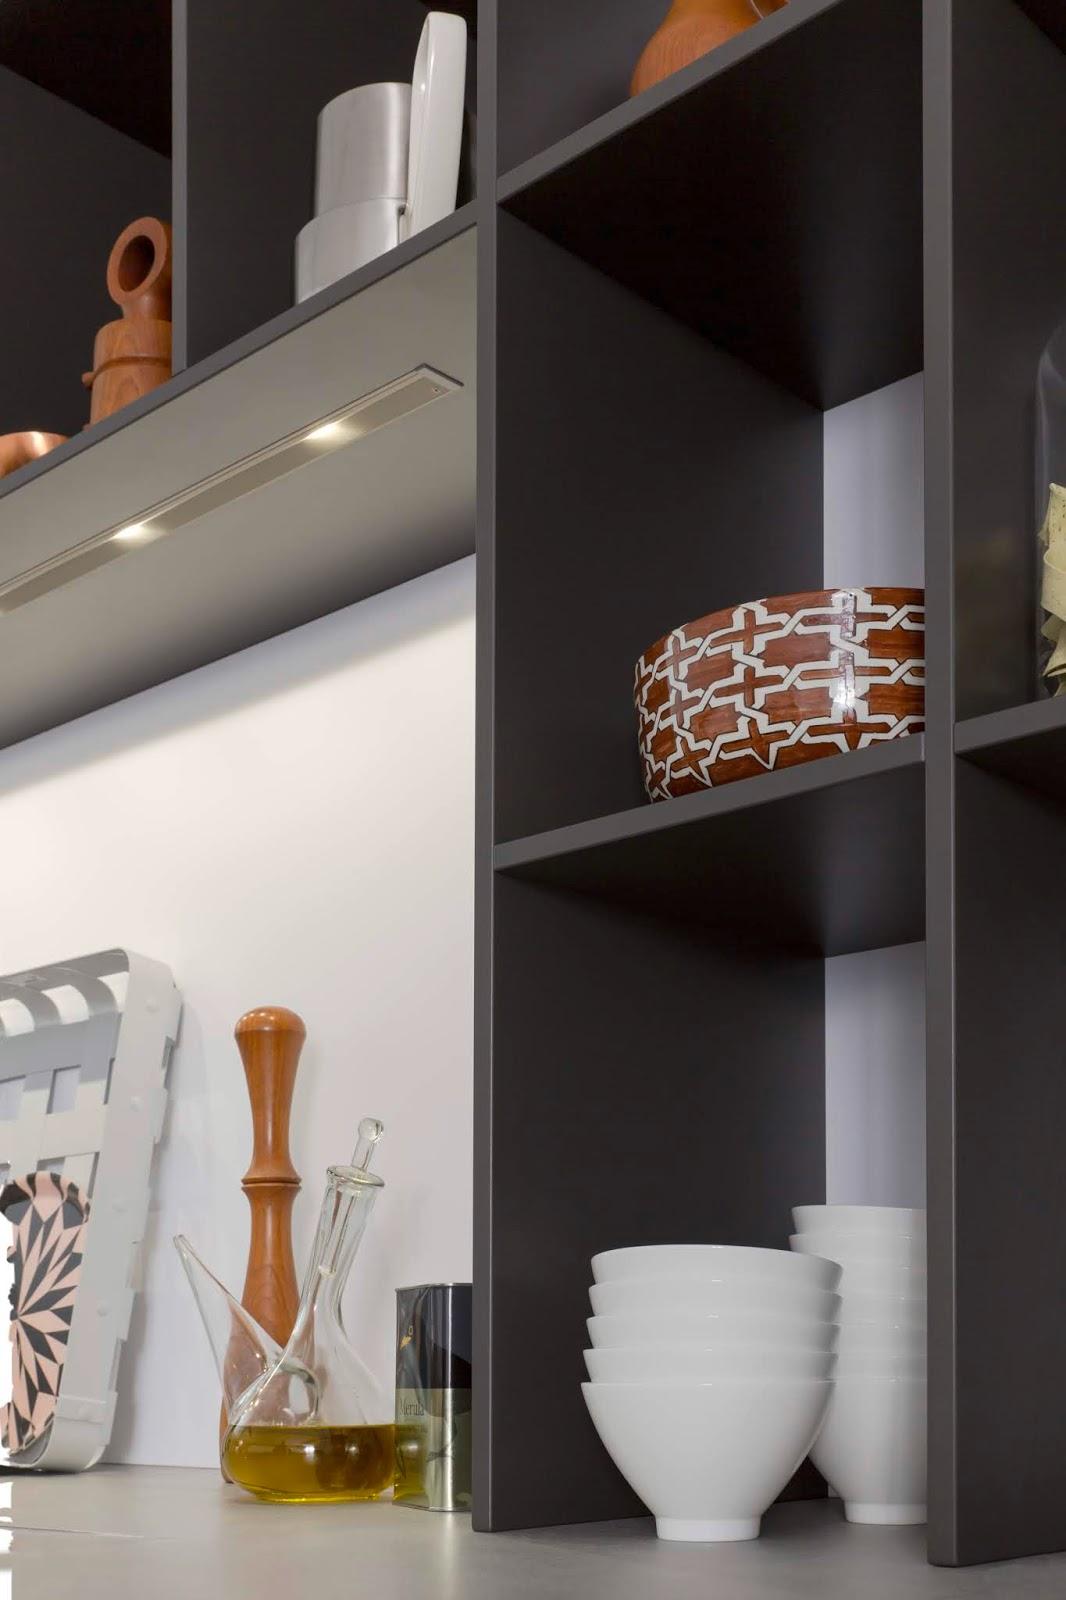 Zastosowanie półek otwartych w kuchni